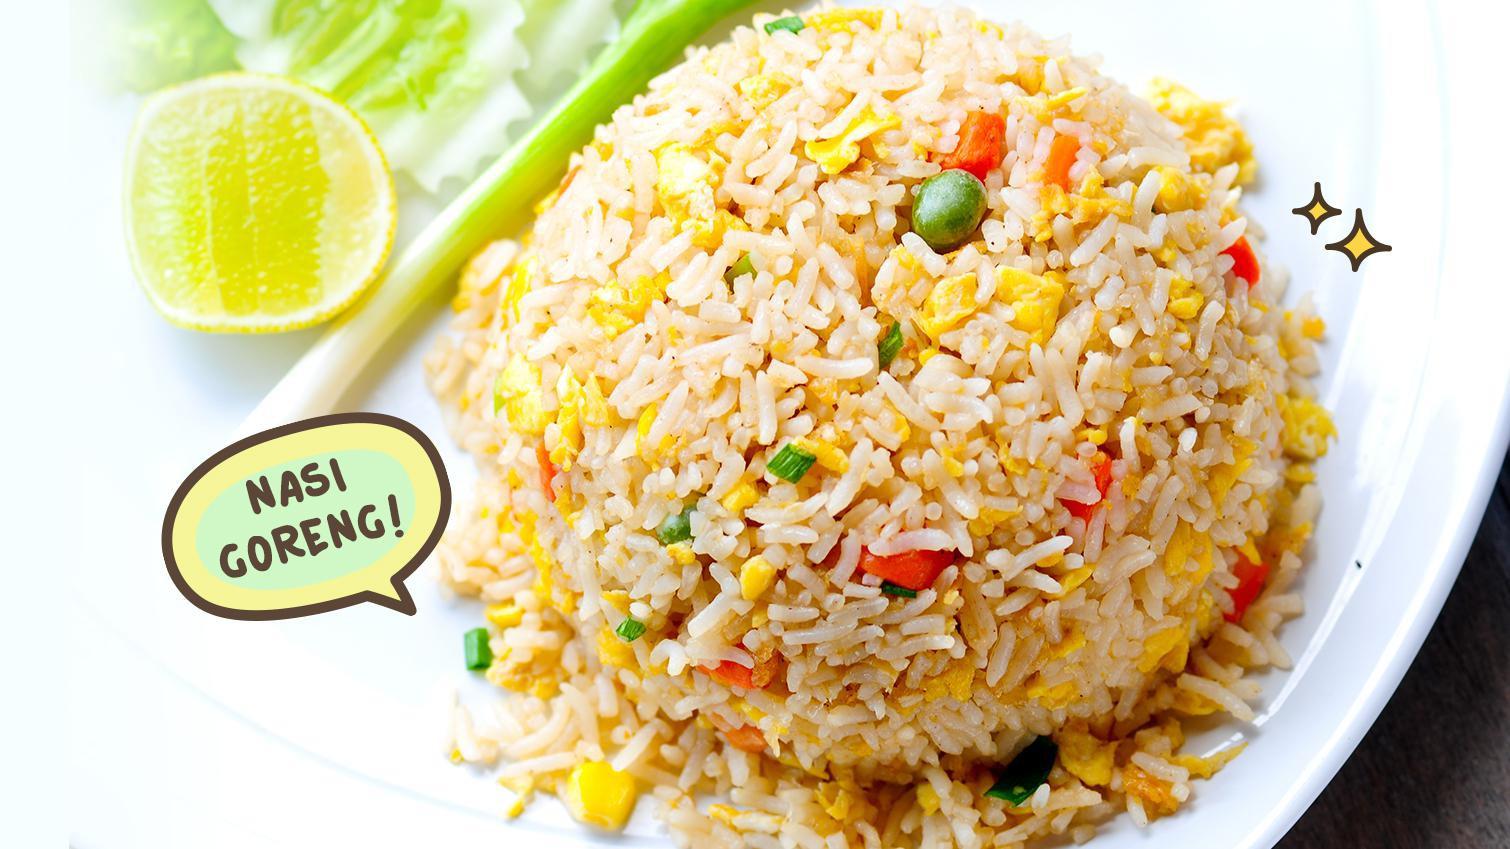 Sudah Tahu Apa Makanan Nasional Indonesia Yuk Kenalan Dengan 5